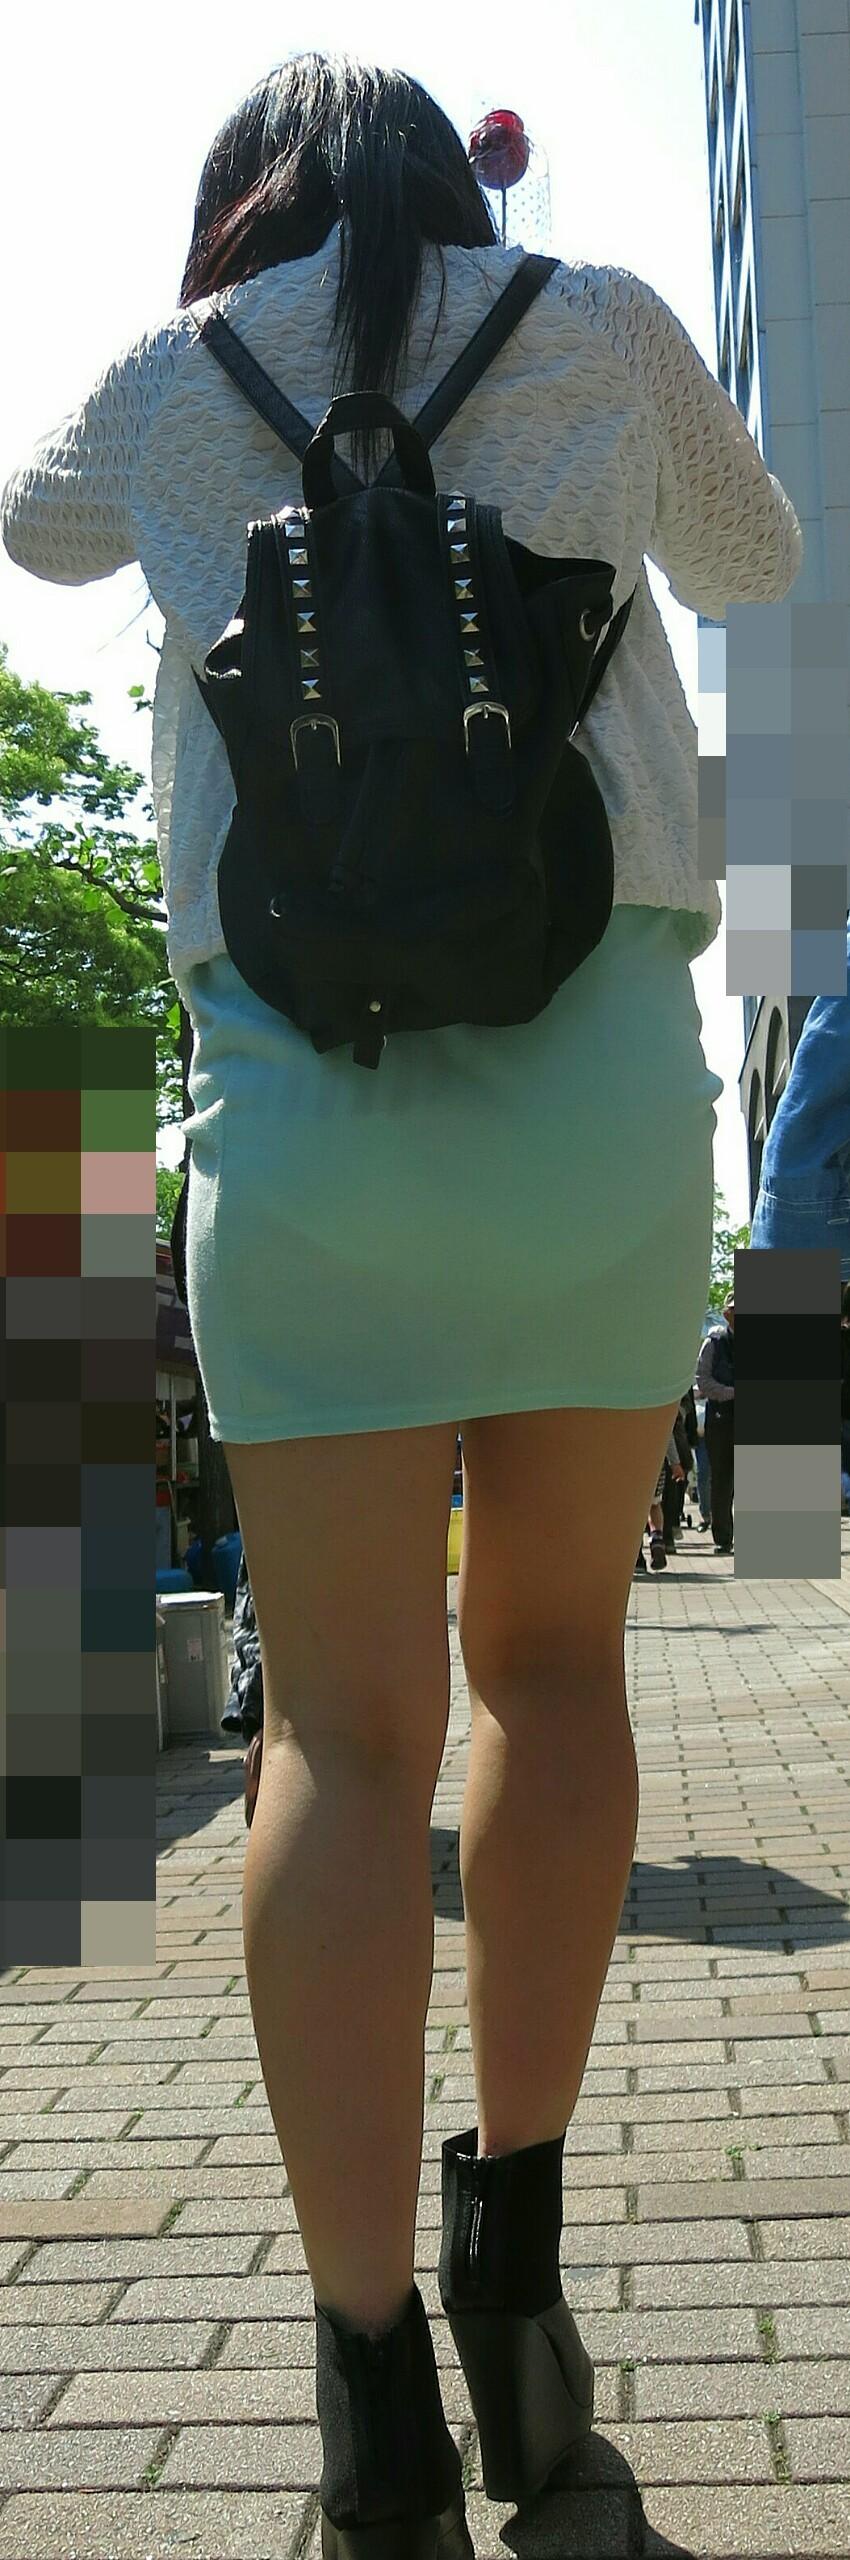 アダルト画像3次元 - タイトスカートでみるドしろーとの透けパンモロ・パン線がエろい